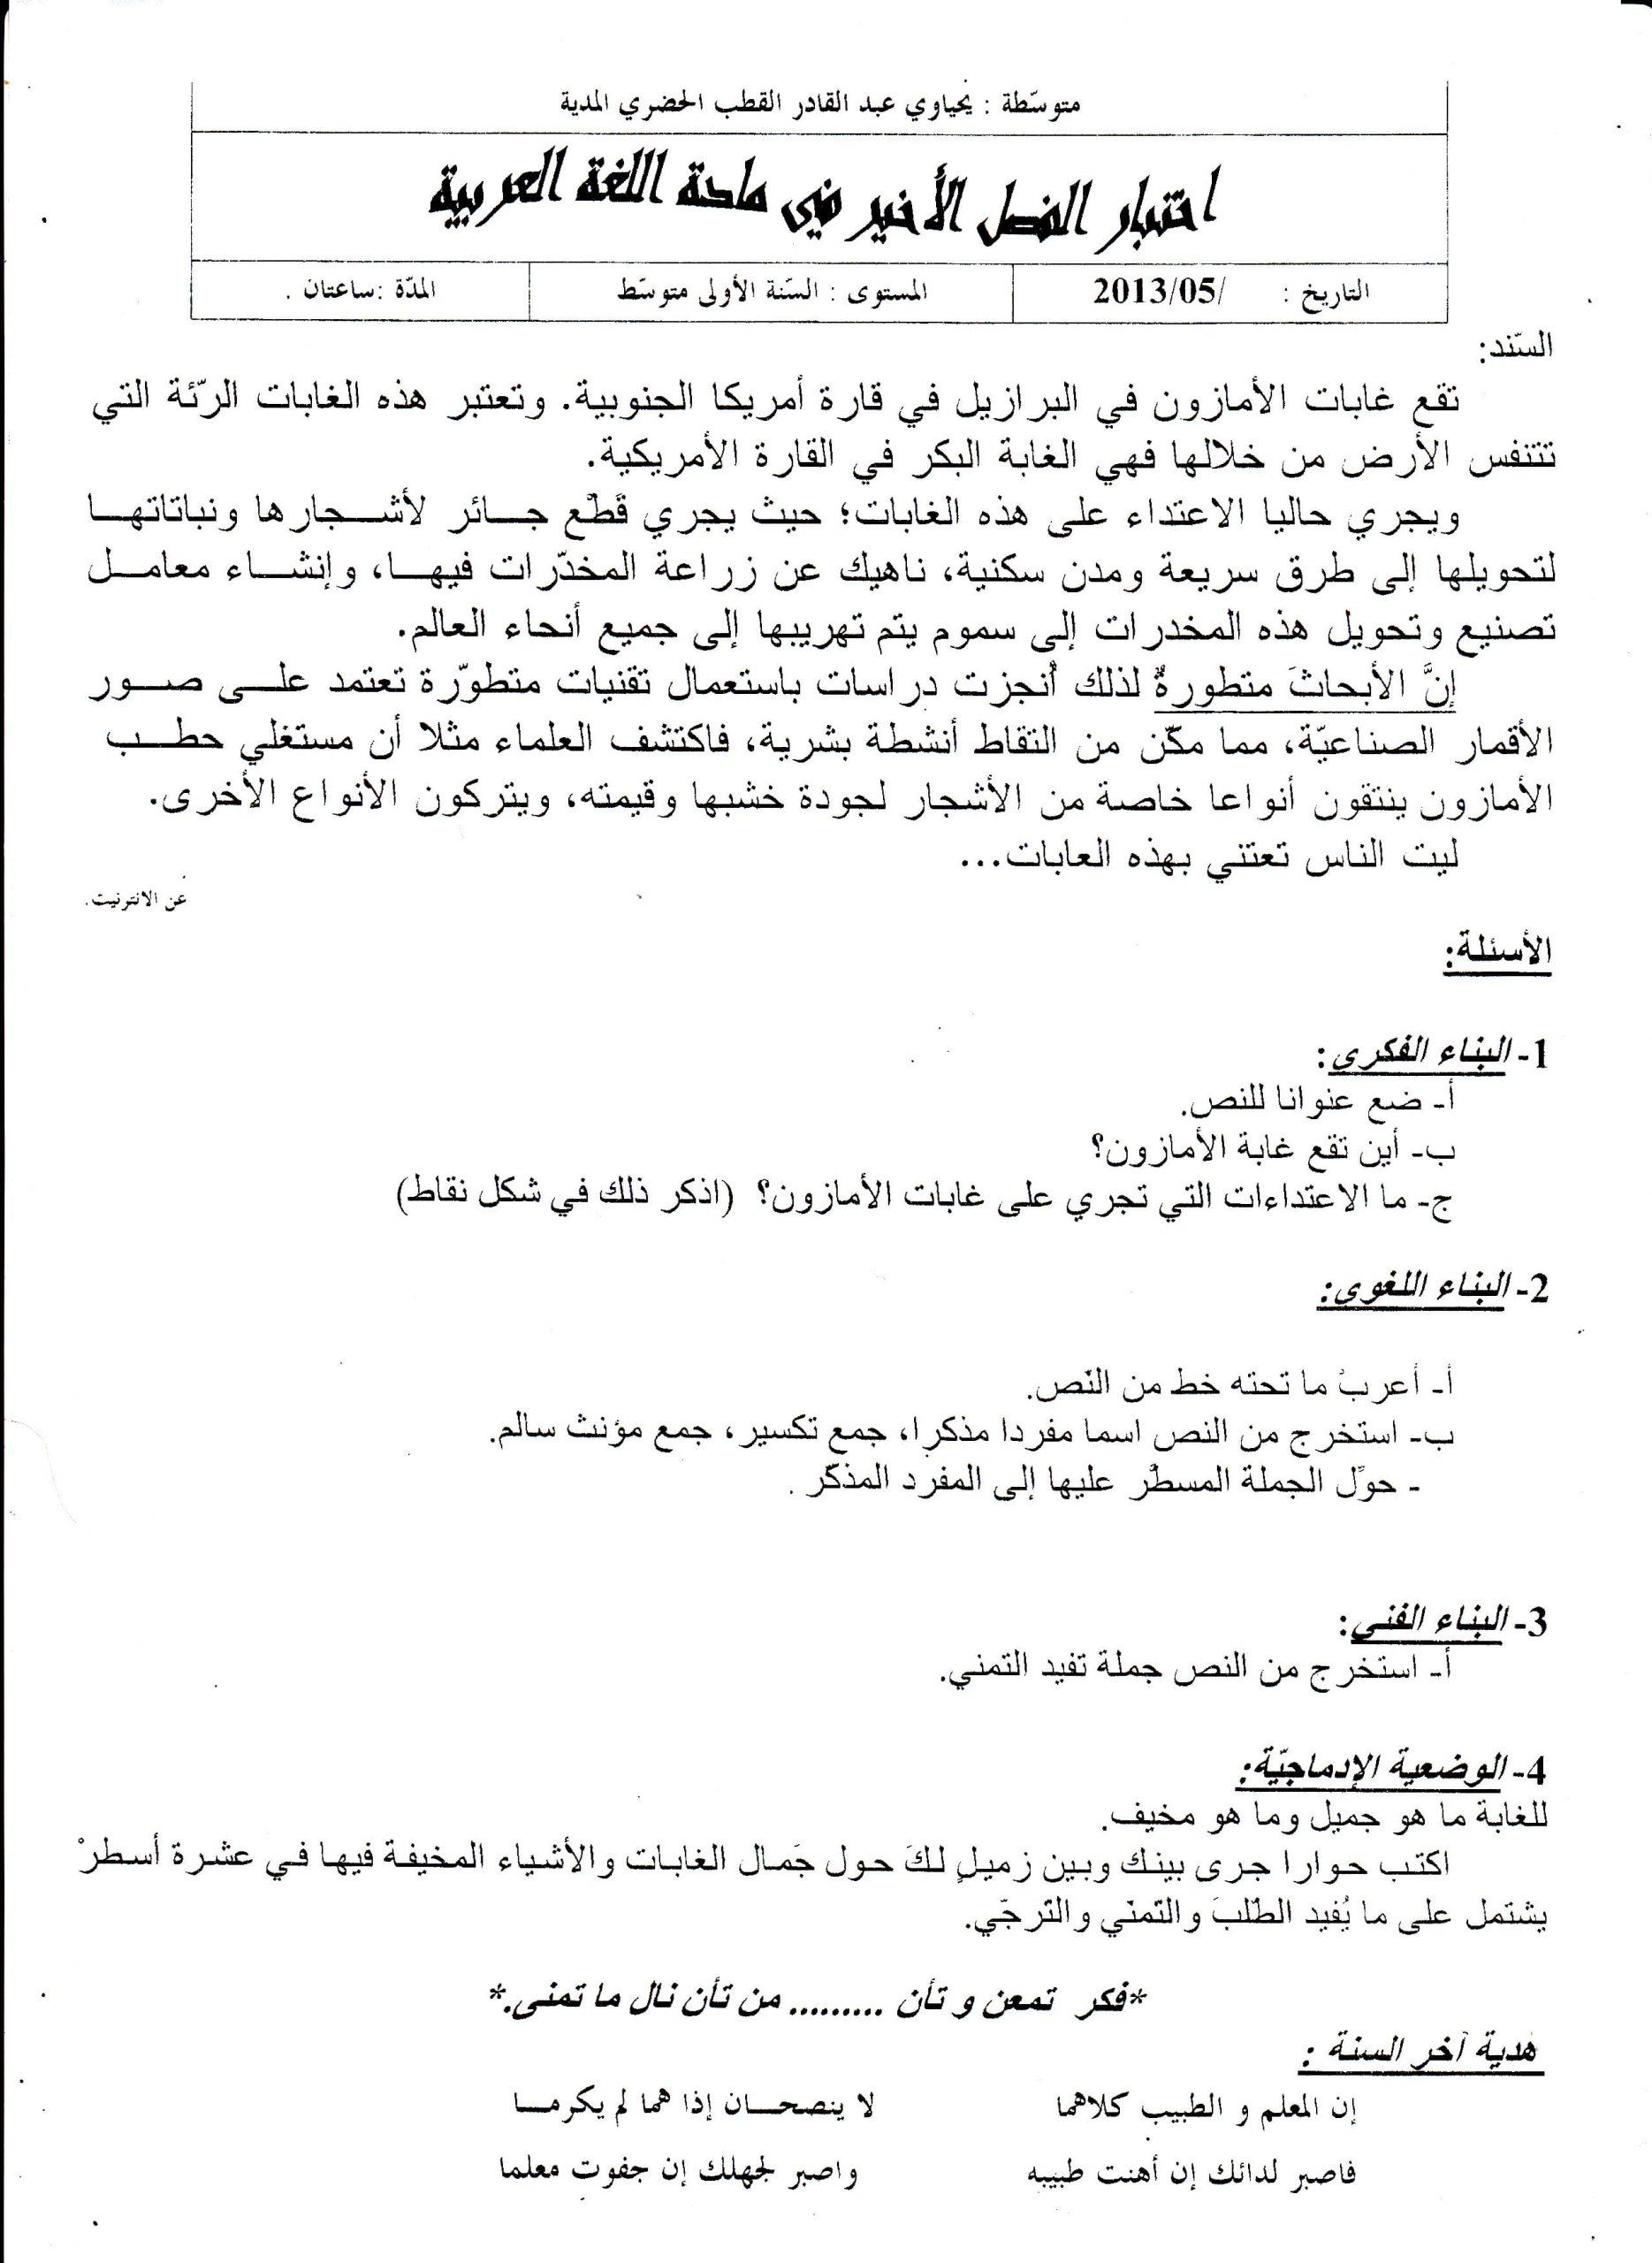 اختبار الفصل الثالث في اللغة العربية للسنة الأولى متوسط - الموضوع 04